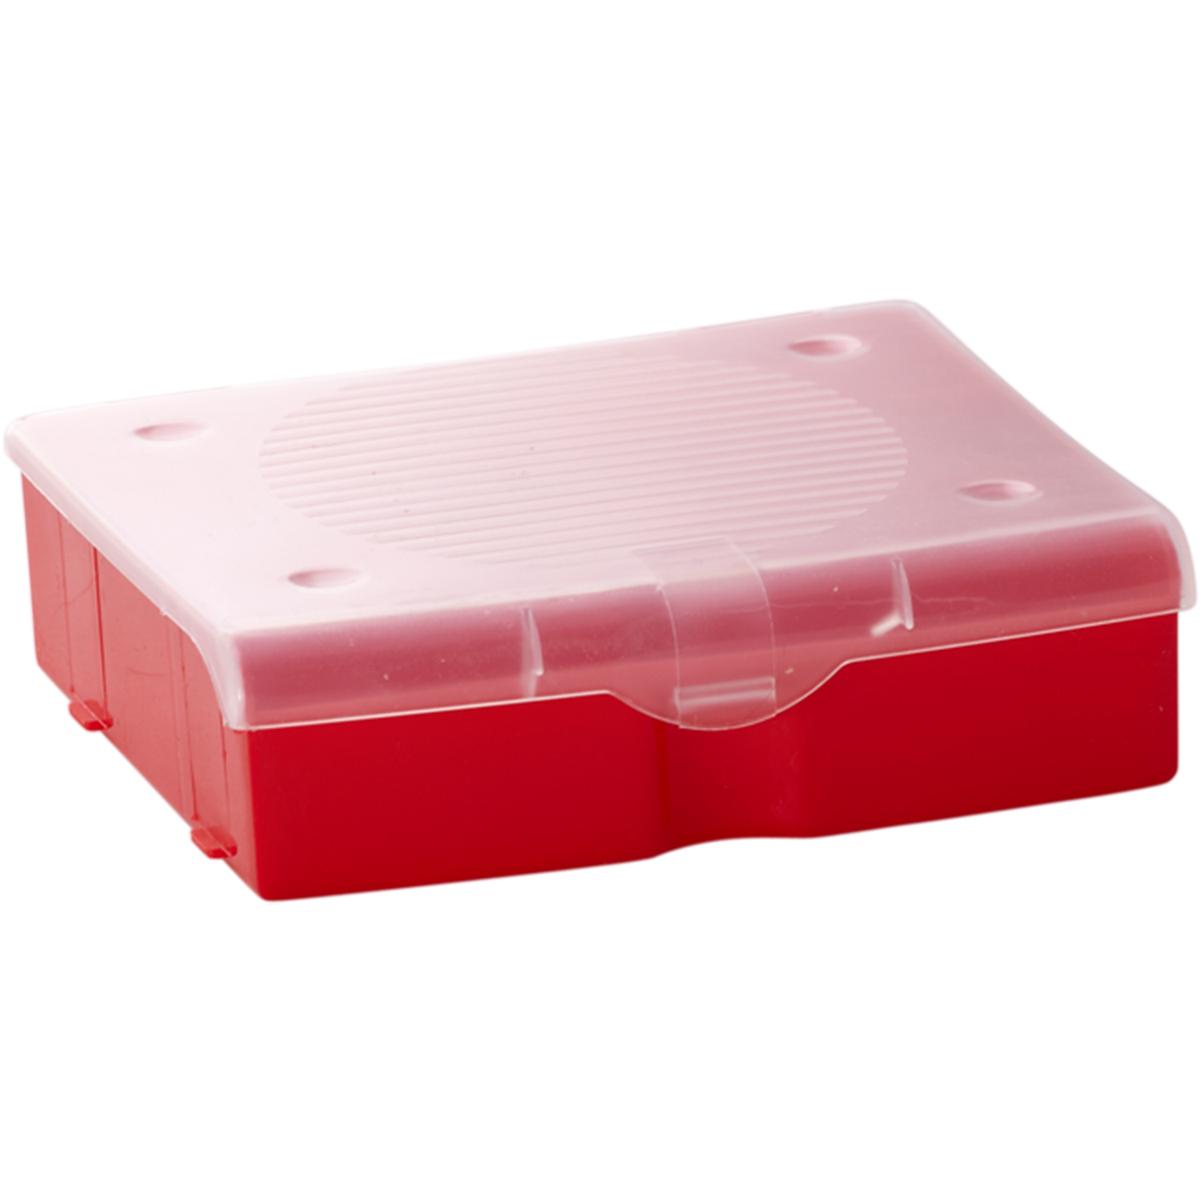 Органайзер для мелочей Blocker, цвет: красный, 17 х 16 х 4,5 смПЦ3711КРПРОрганайзер для мелочей Blocker предназначен для оптимальной организациипространства. Внутреннее деление делает удобным размещениевнутри блока деталей, которые необходимо отделить друг от друга, а прозрачнаякрышка позволяет увидеть содержимое, не открывая блок. Подходит дляхранения швейных принадлежностей, мелких деталей и рыболовных снастей.Крышка плотно закрывается и предотвращает потерю содержимого.